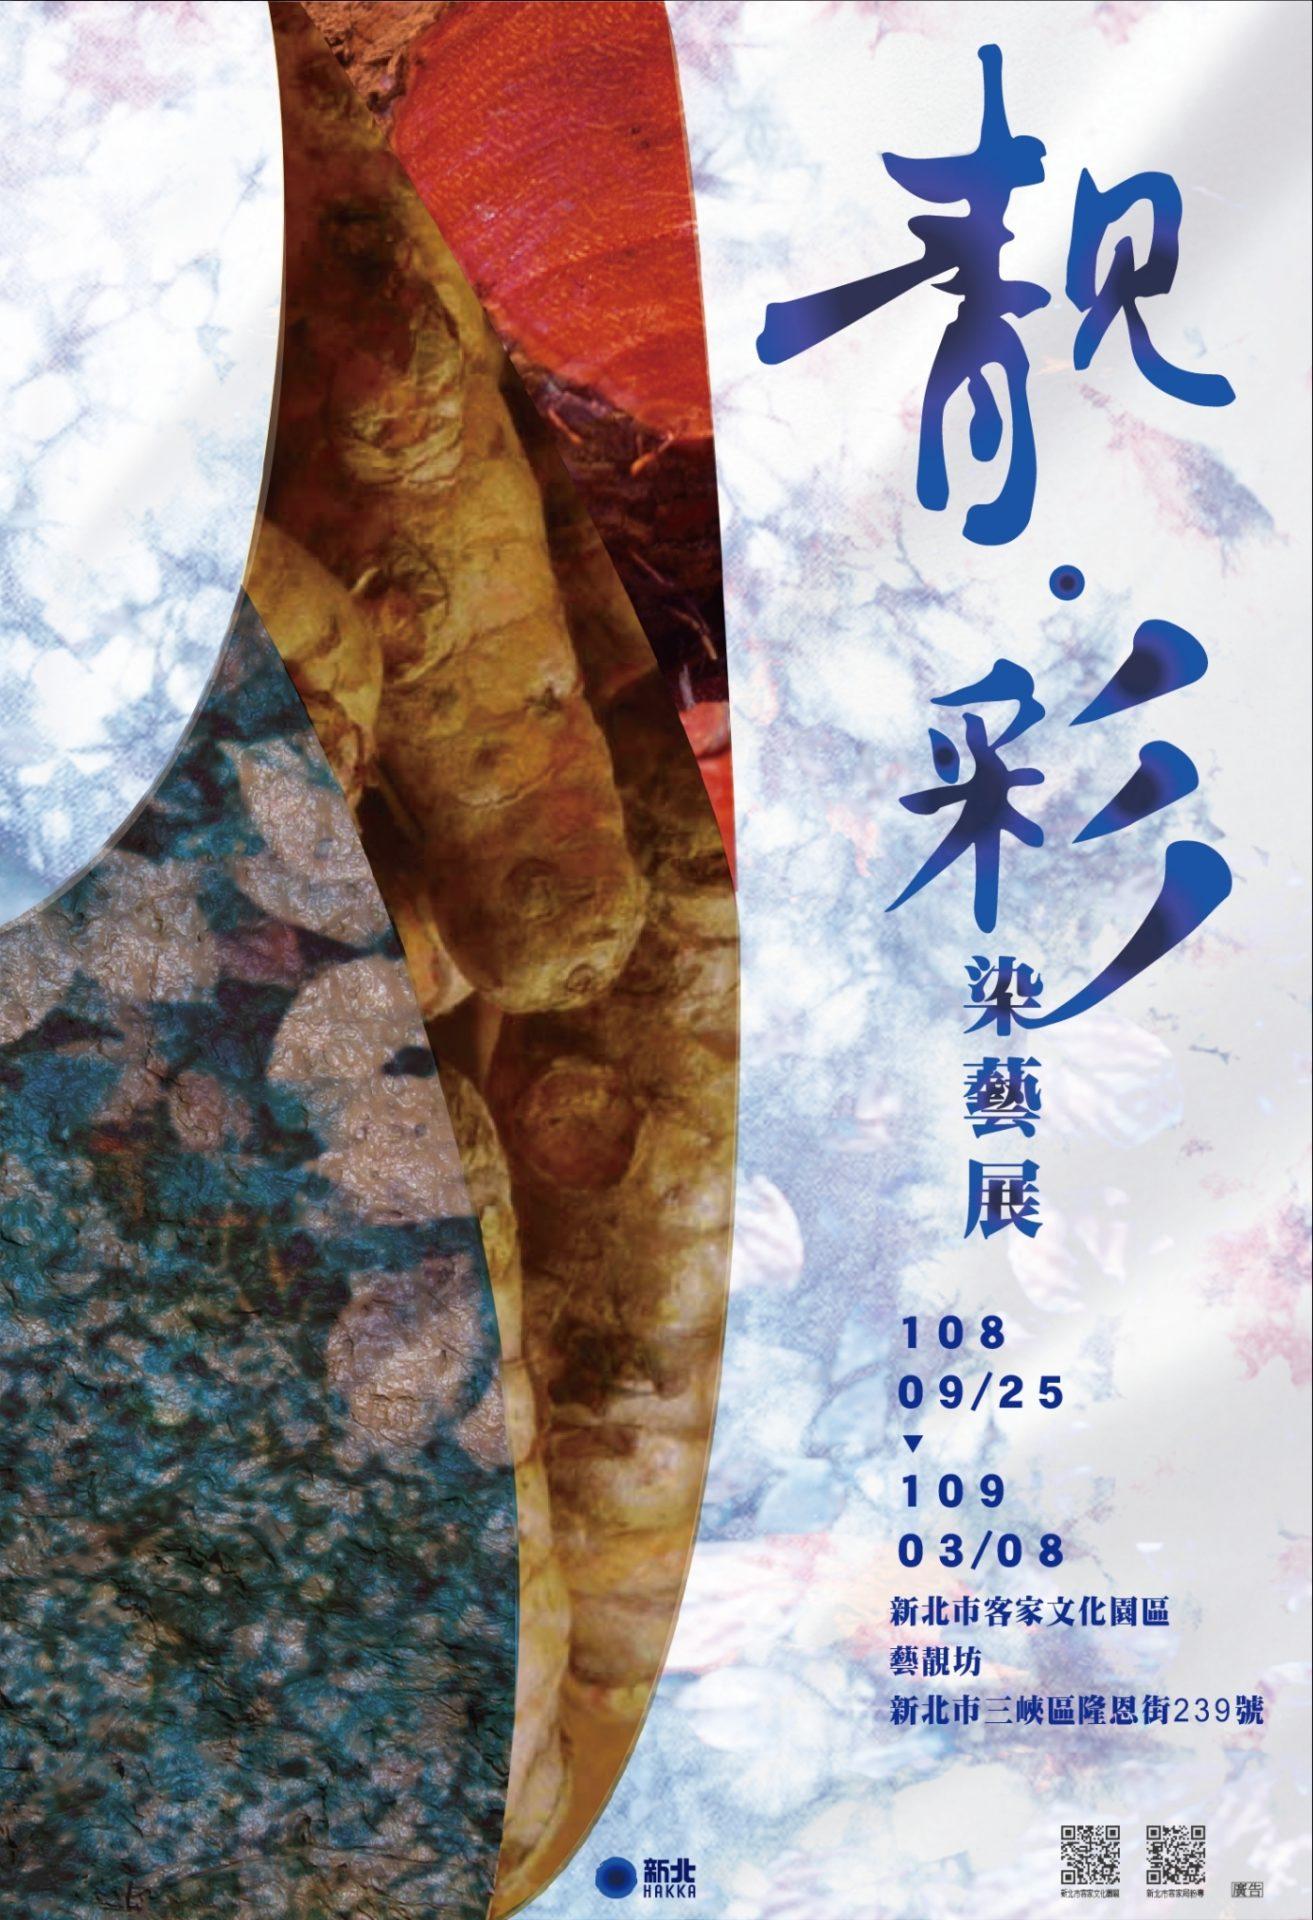 新北市客家文化園區:2019/09/25-2020/03/08【靚・彩—染藝展】